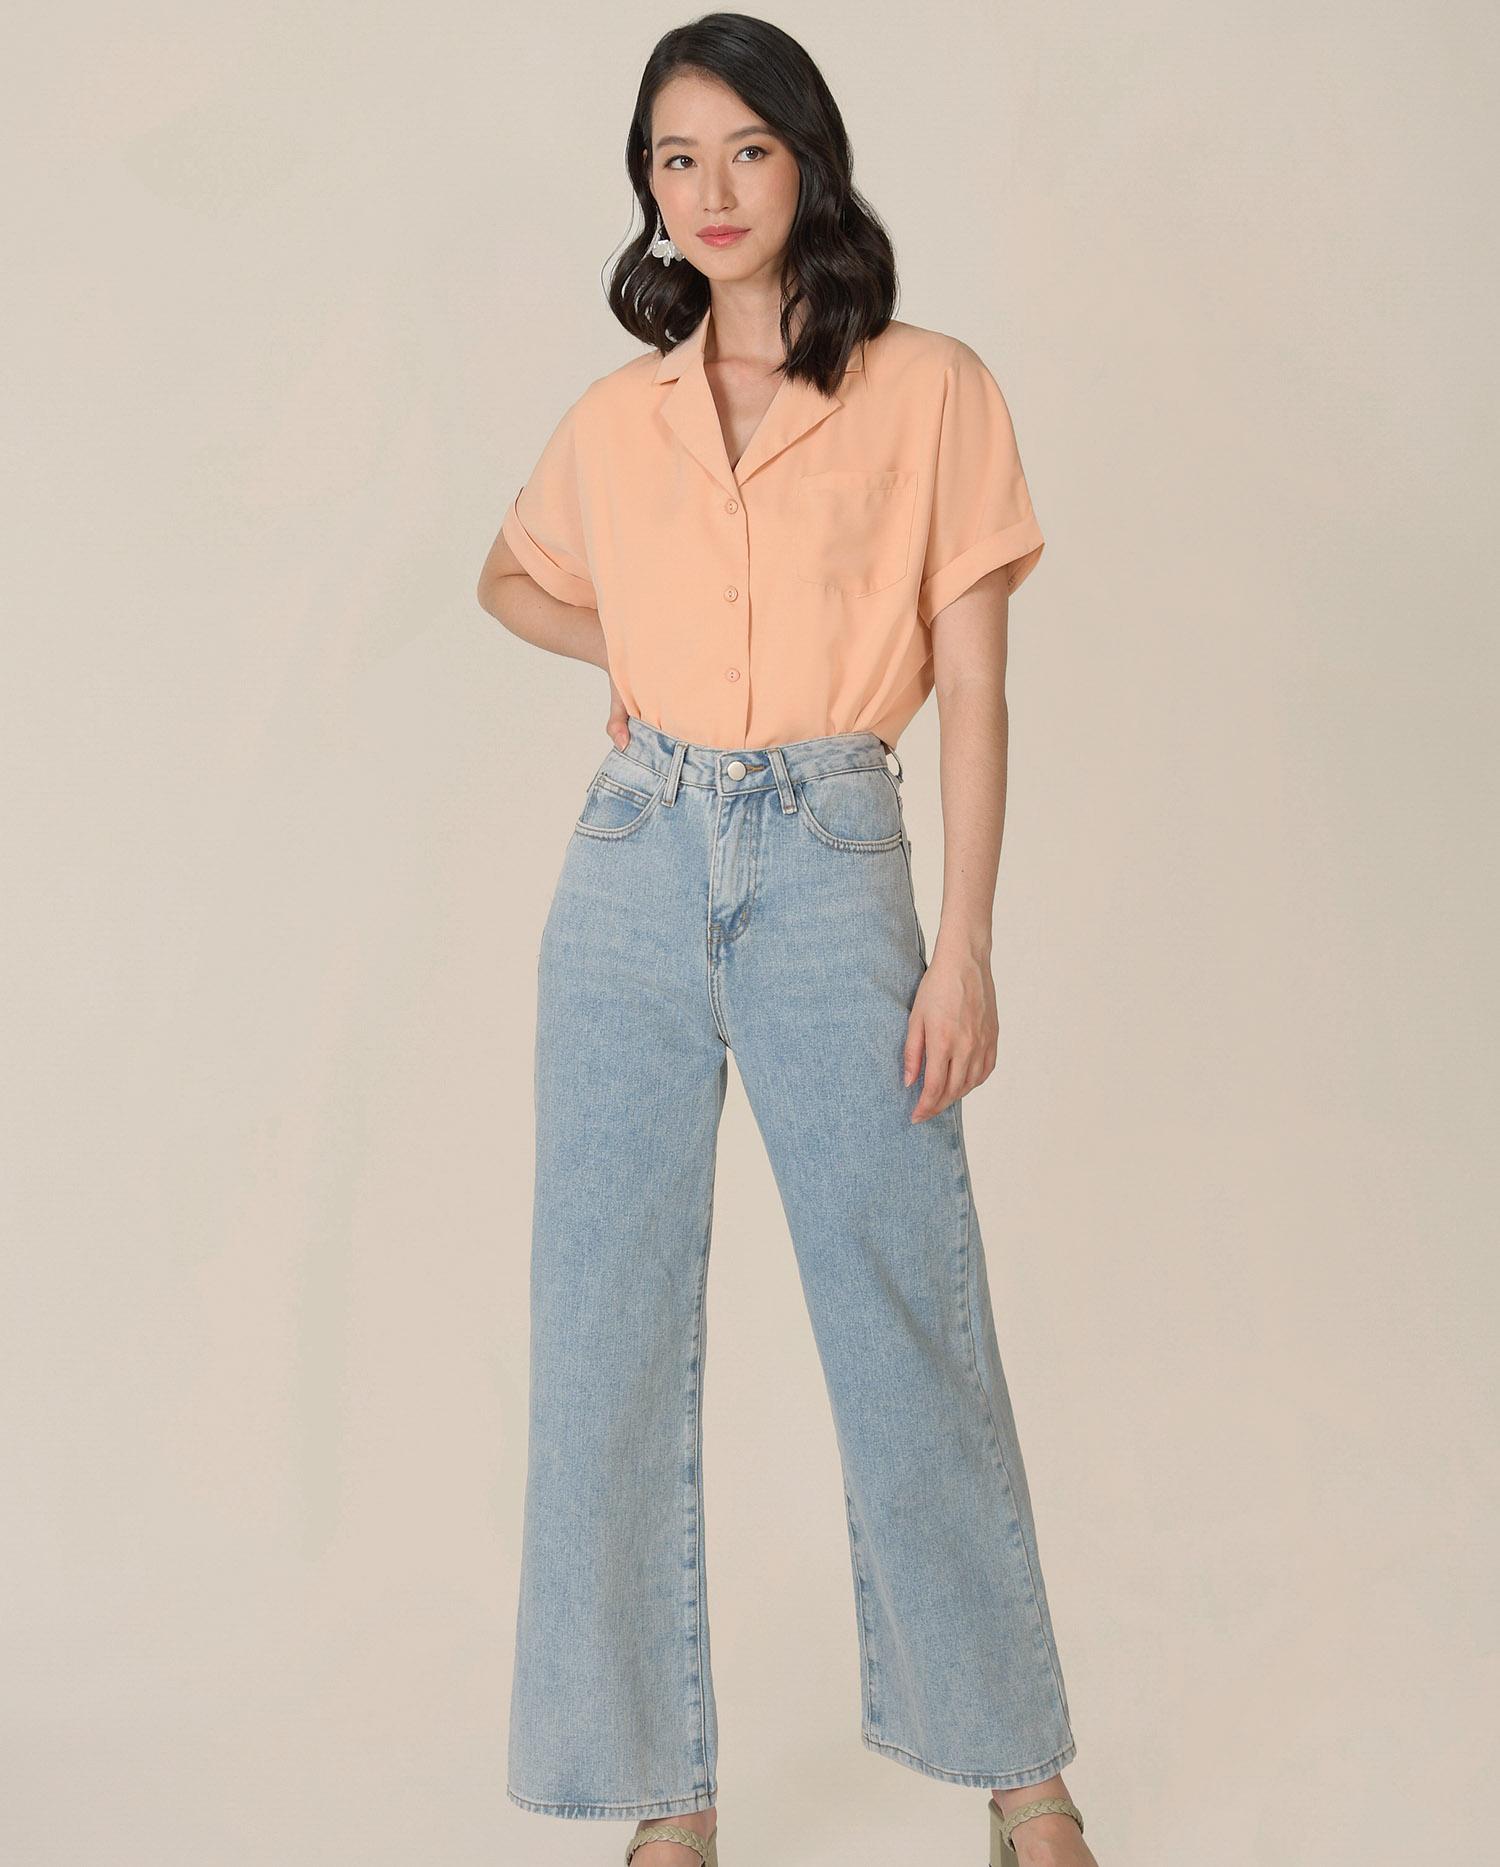 canberra-blouse-peach-parfait-1